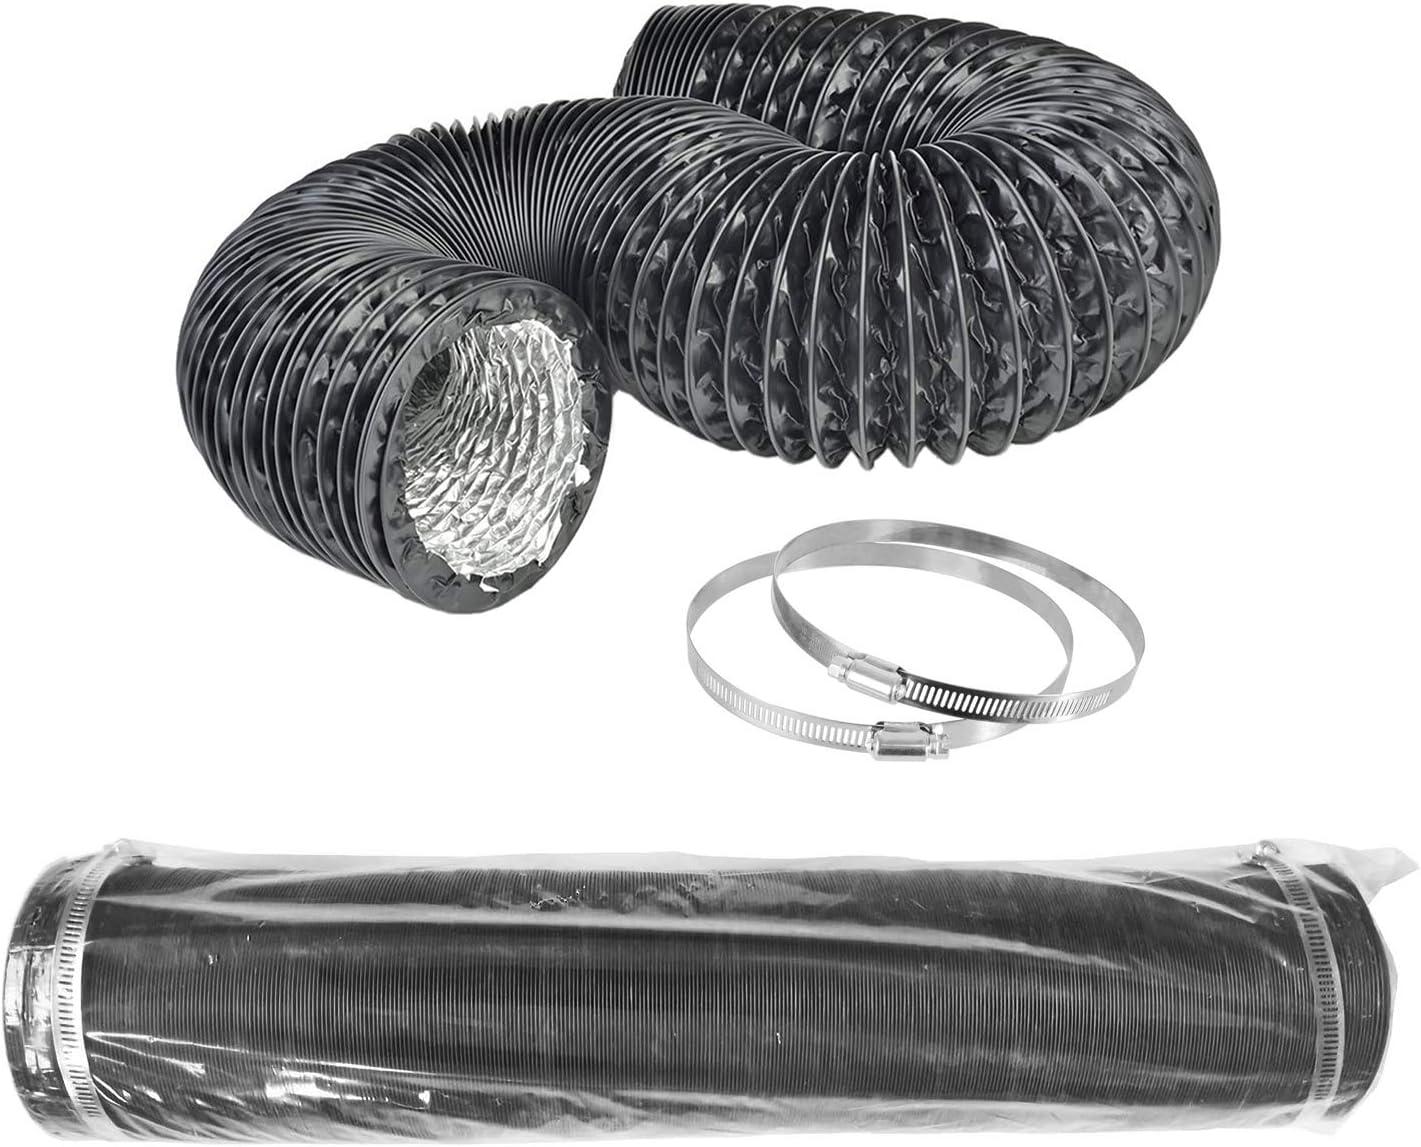 LOOTICH Fuerte Tubo Flexible de Aluminio Negro PVC Ø100mm Longitud 8m para Extractor de Aire Climatización Secadora Conducto de Aire de Ventilación Sistemas con 2 Abrazaderas de Acero